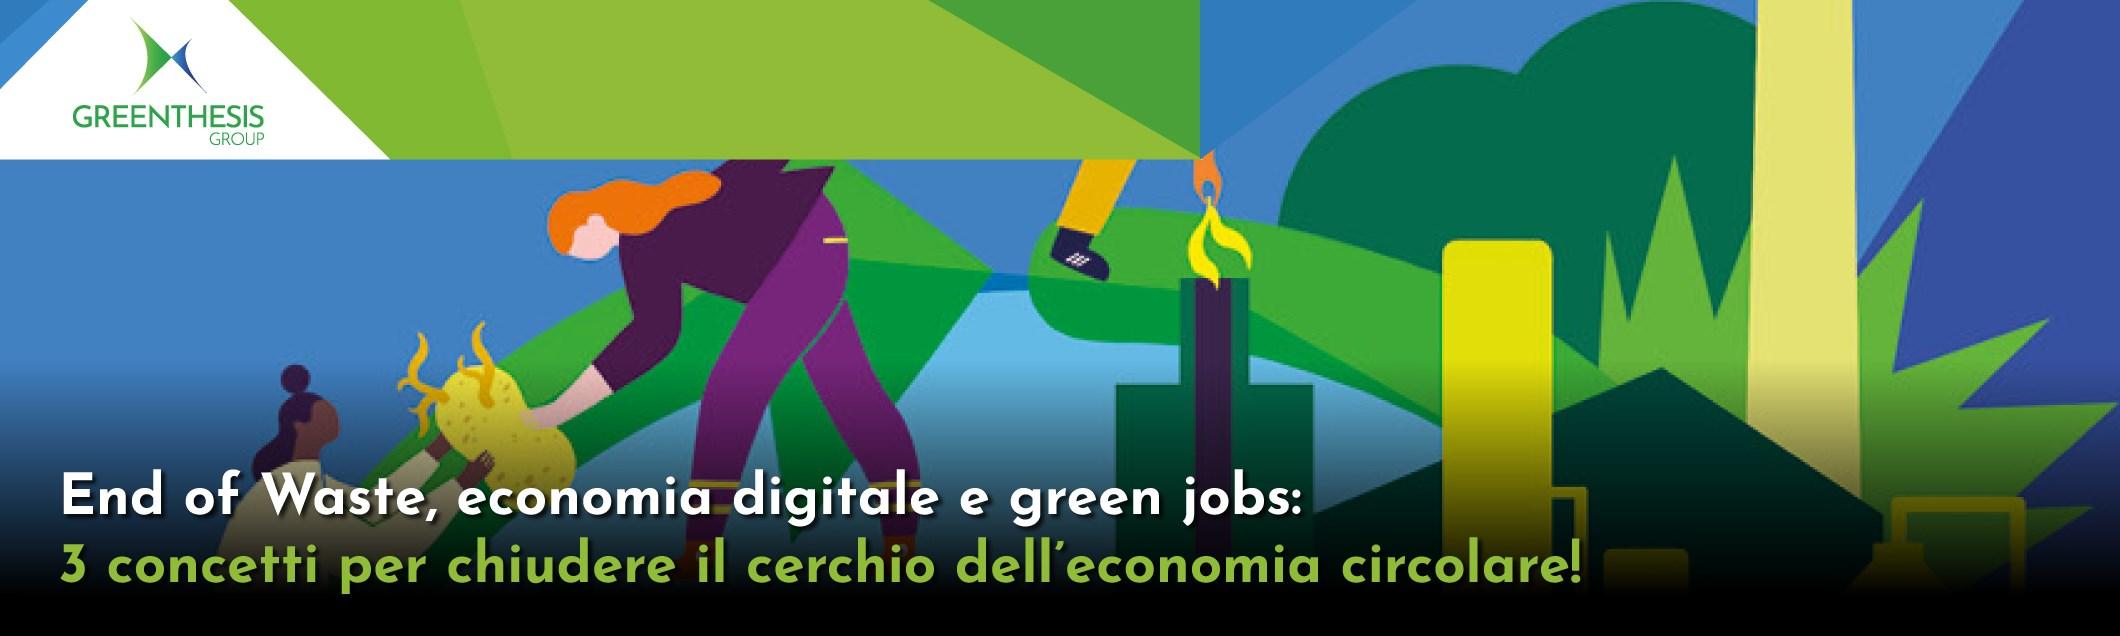 End of Waste, economia digitale e green jobs: 3 concetti per chiudere il cerchio dell'economia circolare!